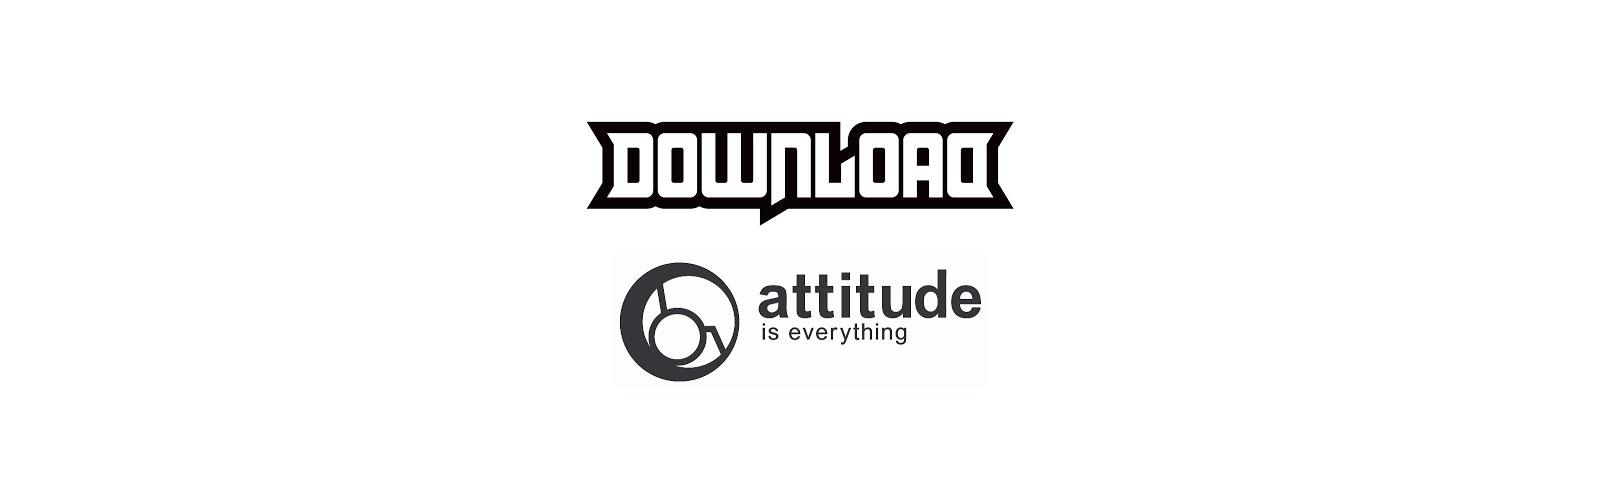 Download-fest-awards